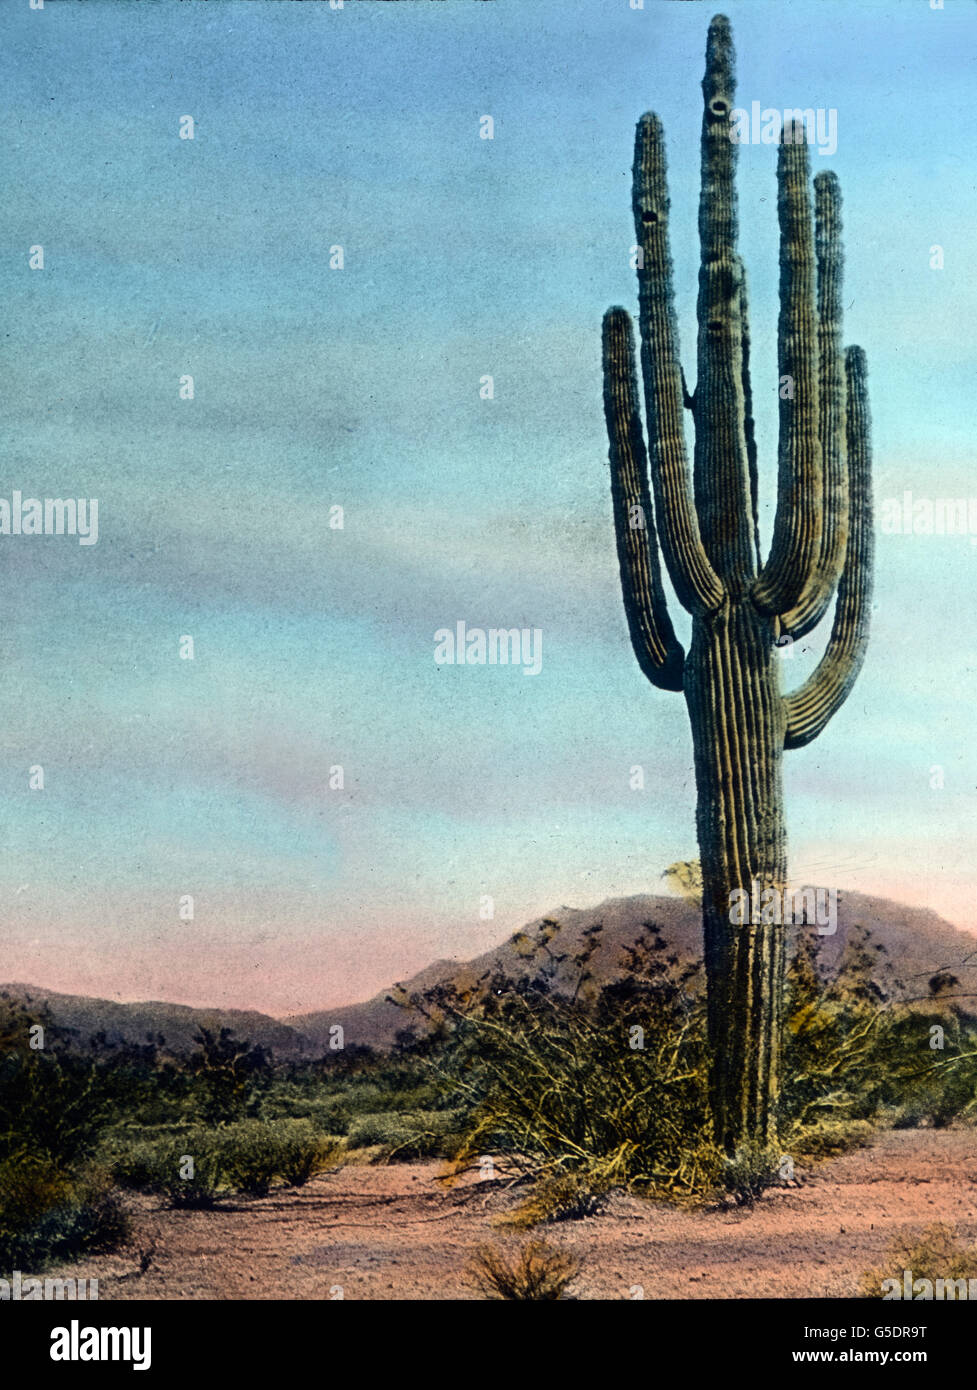 Ein Riesenkaktus in der Wüste es U.S. Bundesstaats Arizona.  Amerika, Amerika, Nord, Nord, USA, Vereinigte Staaten Stockfoto